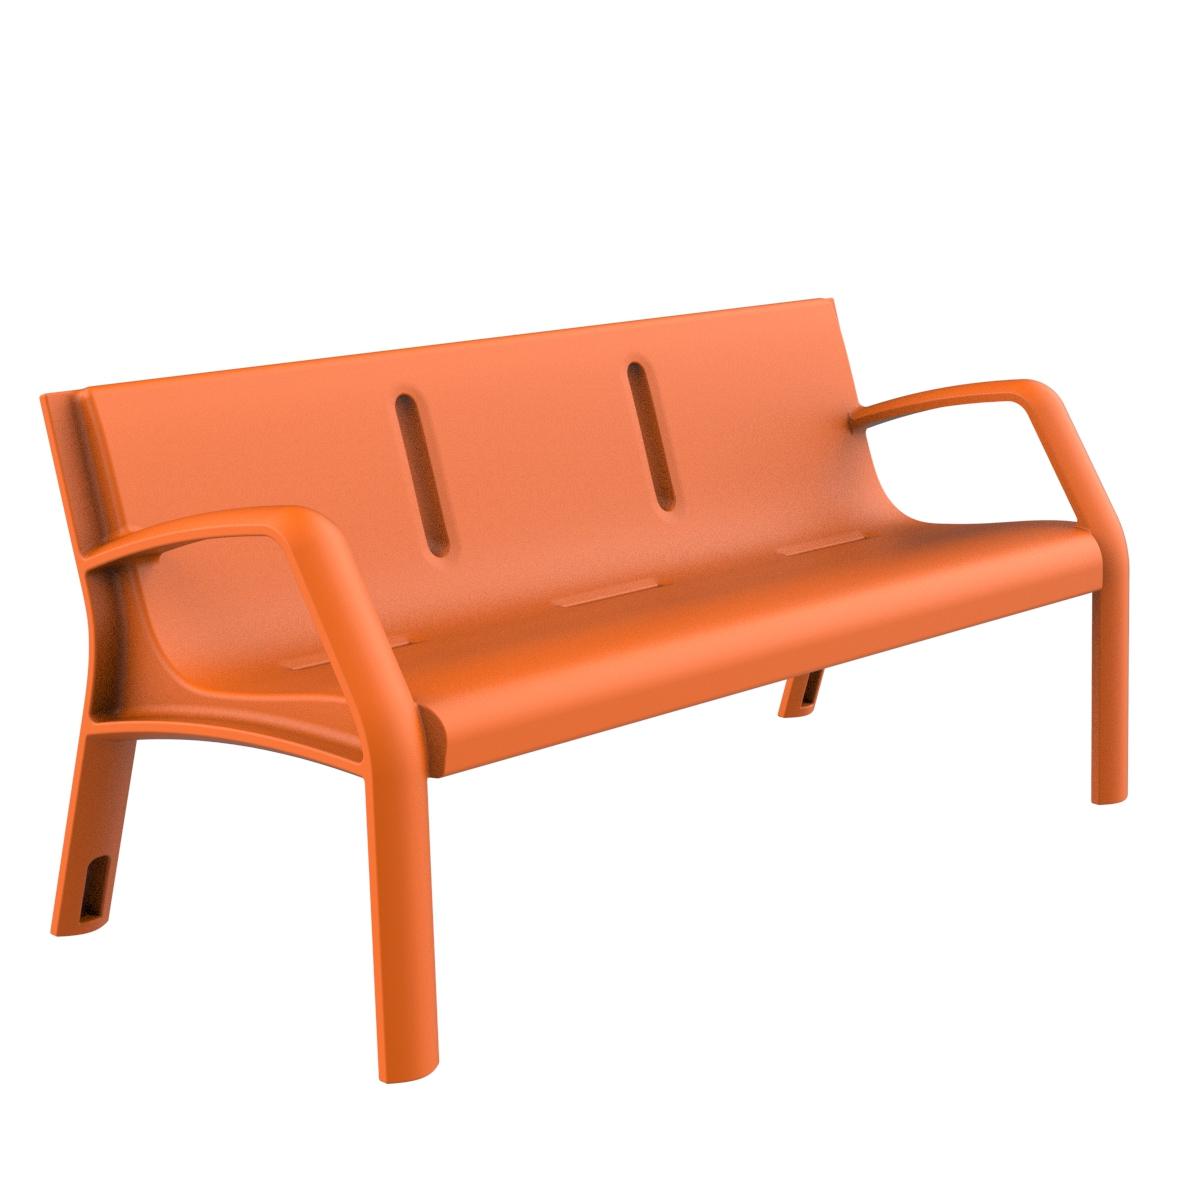 Banco Plastico Alvium Mobiliario urbano para sentarse parques y jardines